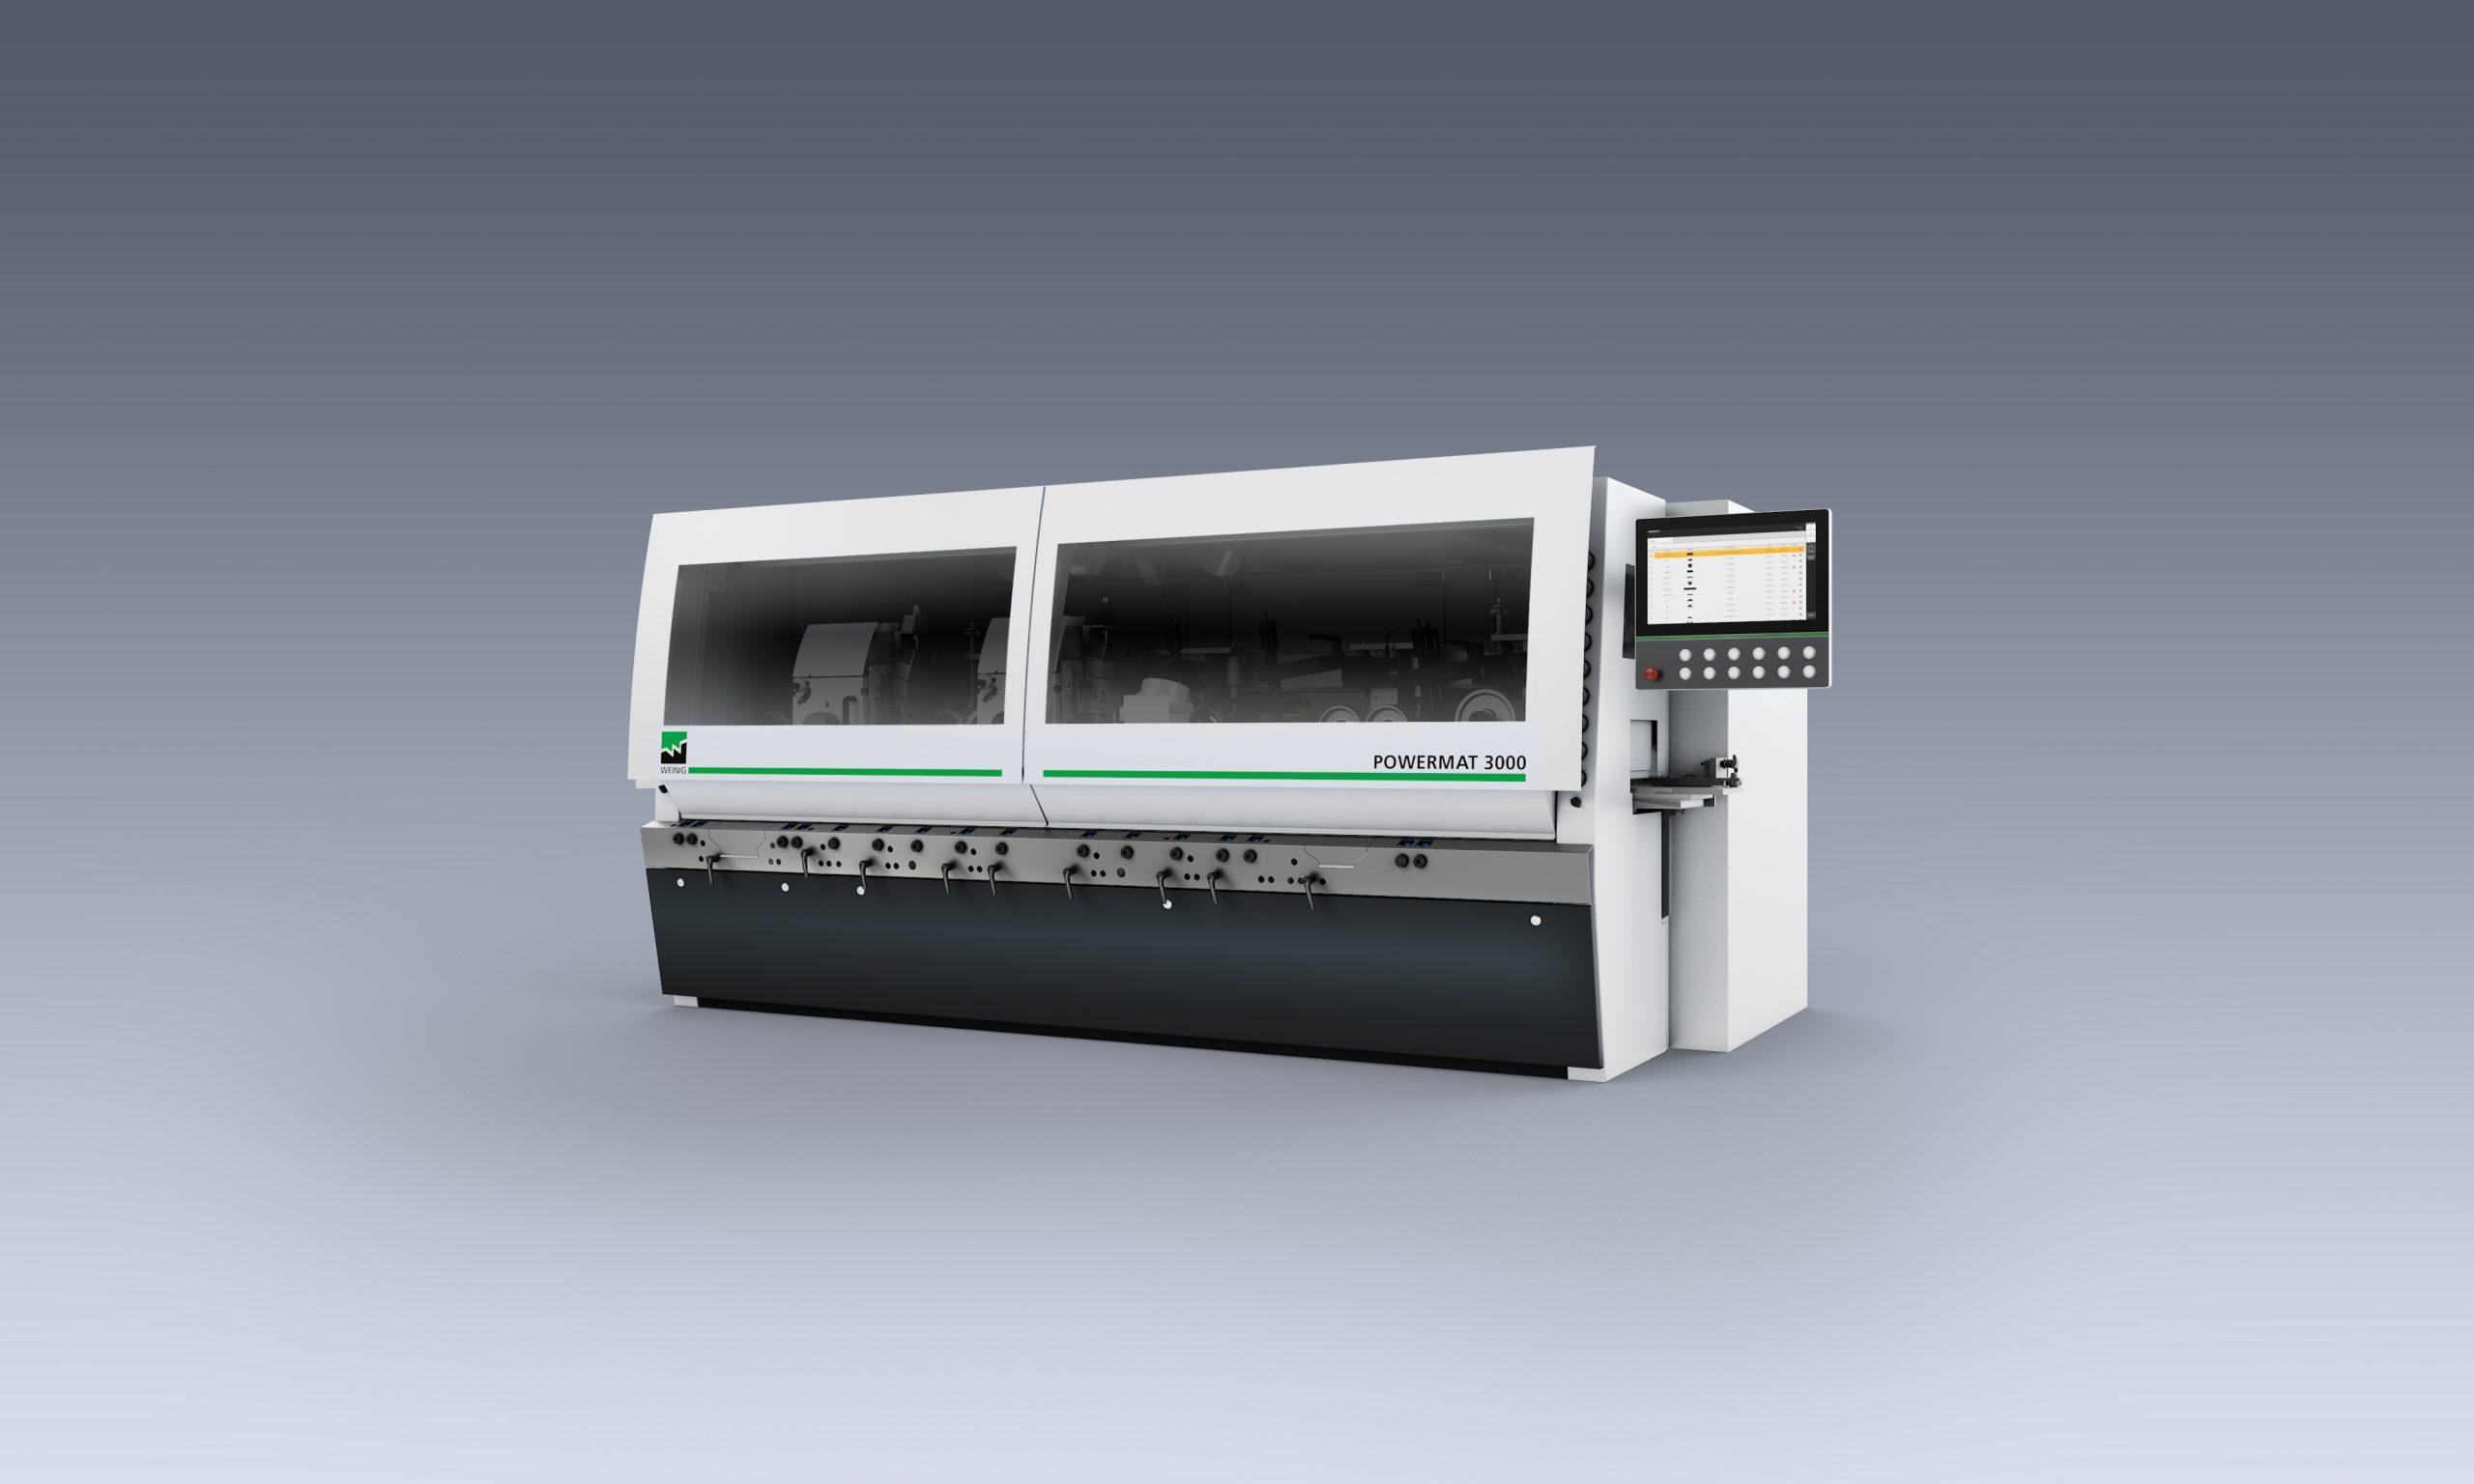 Powermat3000